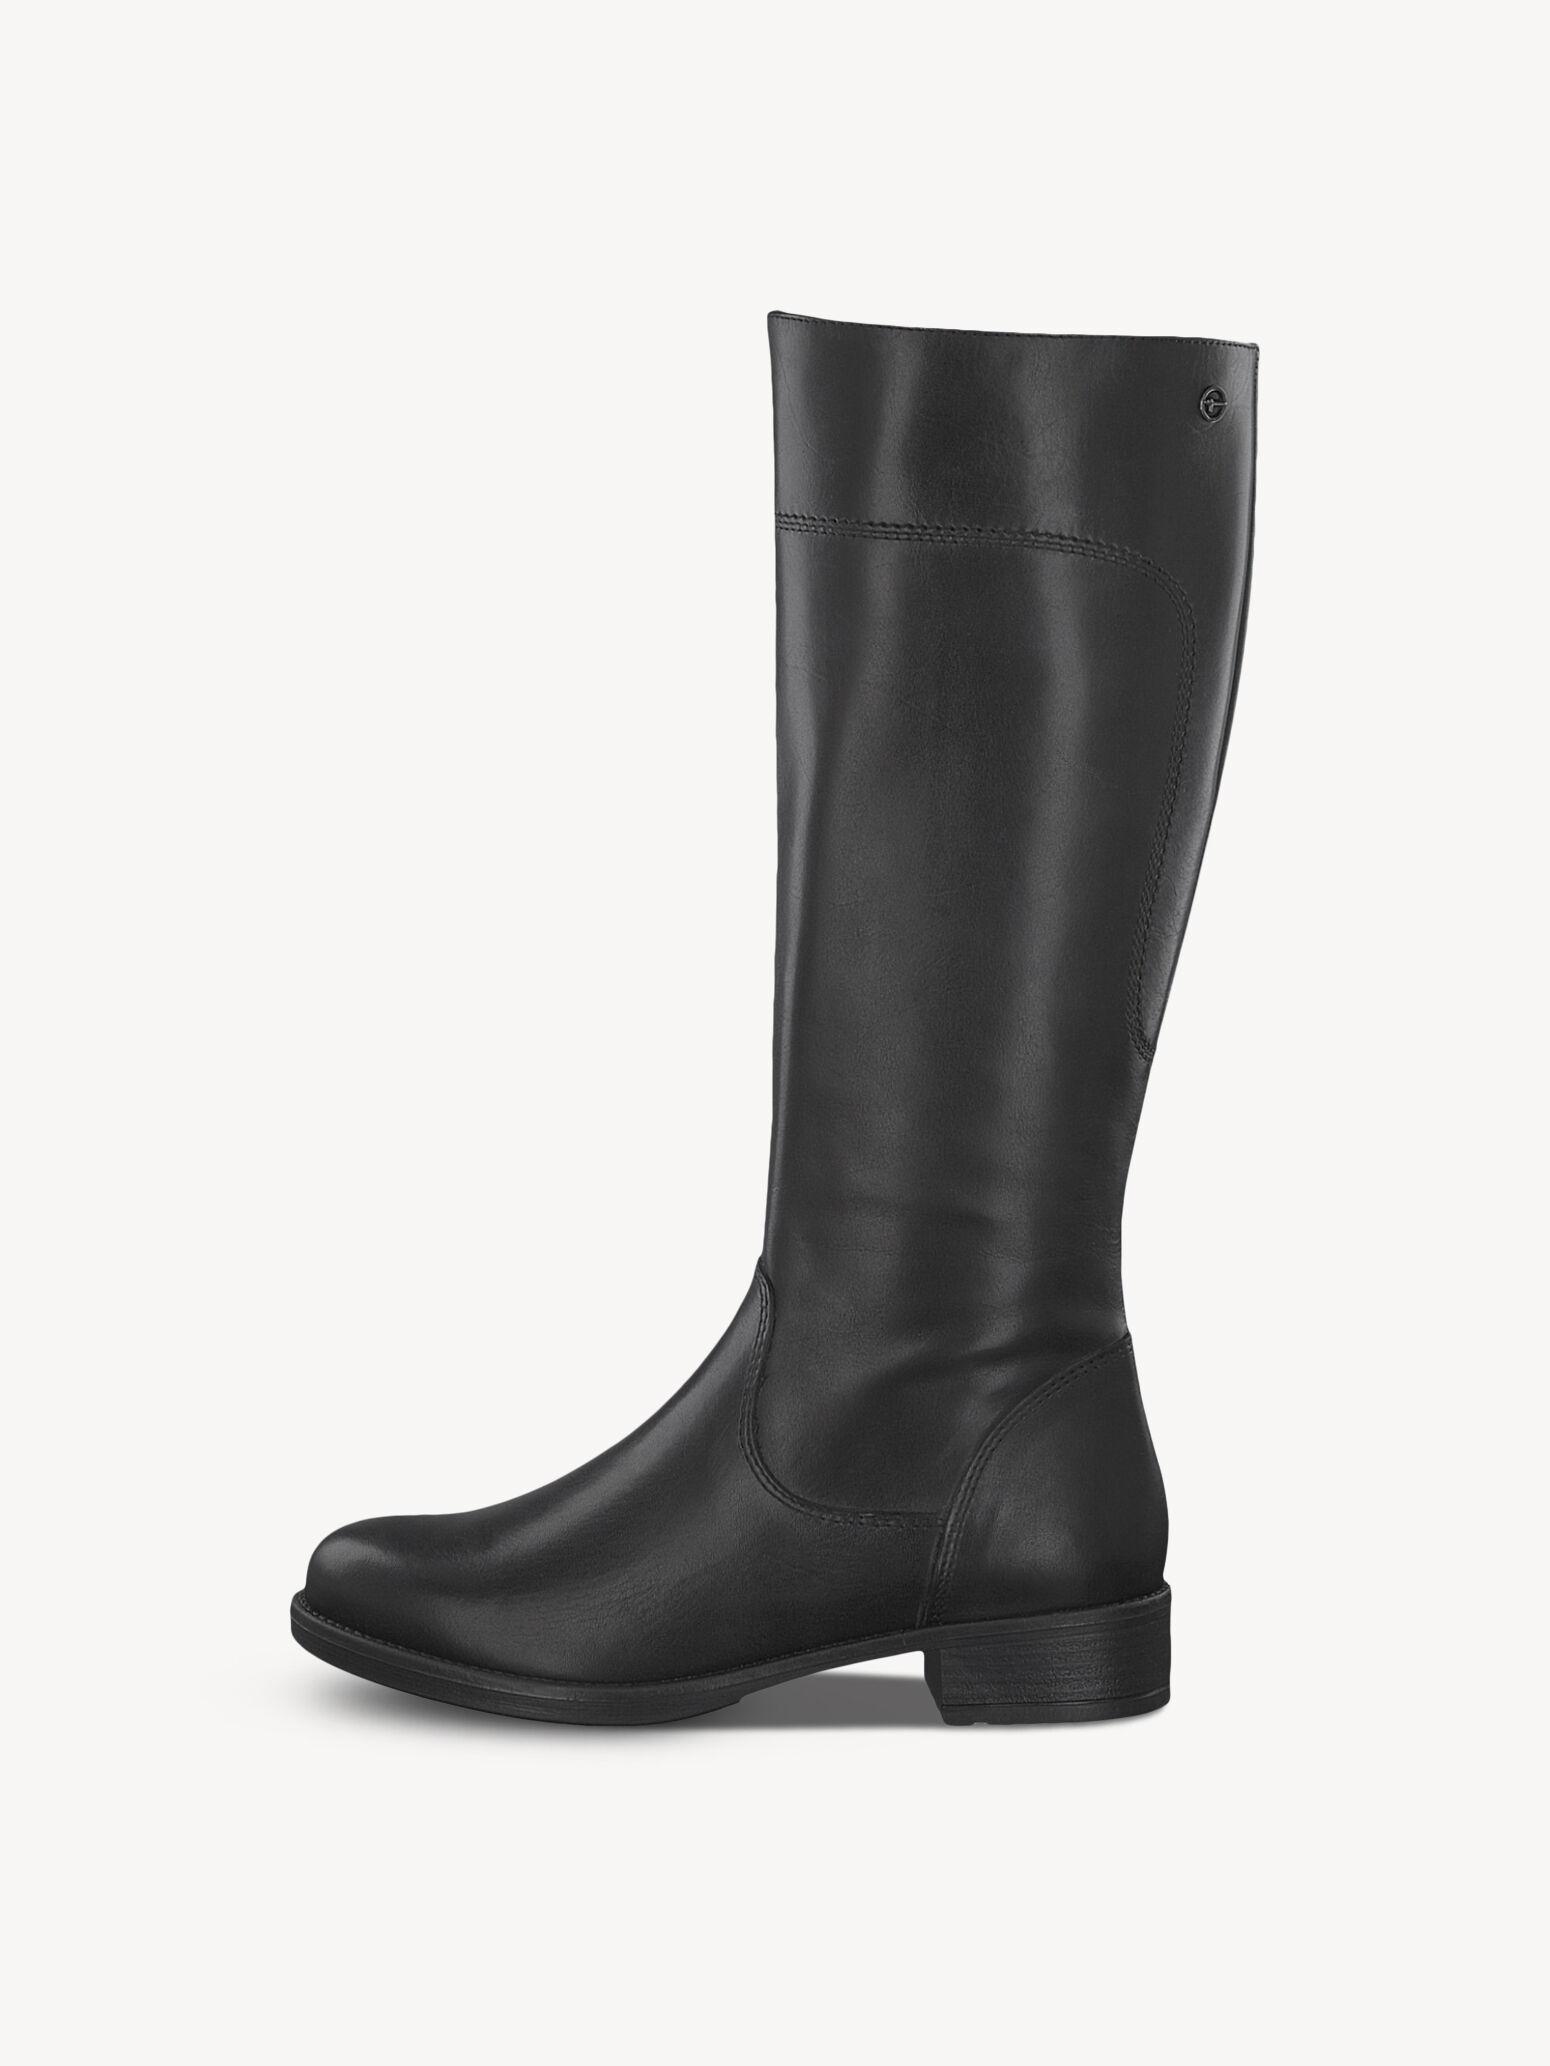 Tamaris Flache Stiefel jetzt online kaufen!